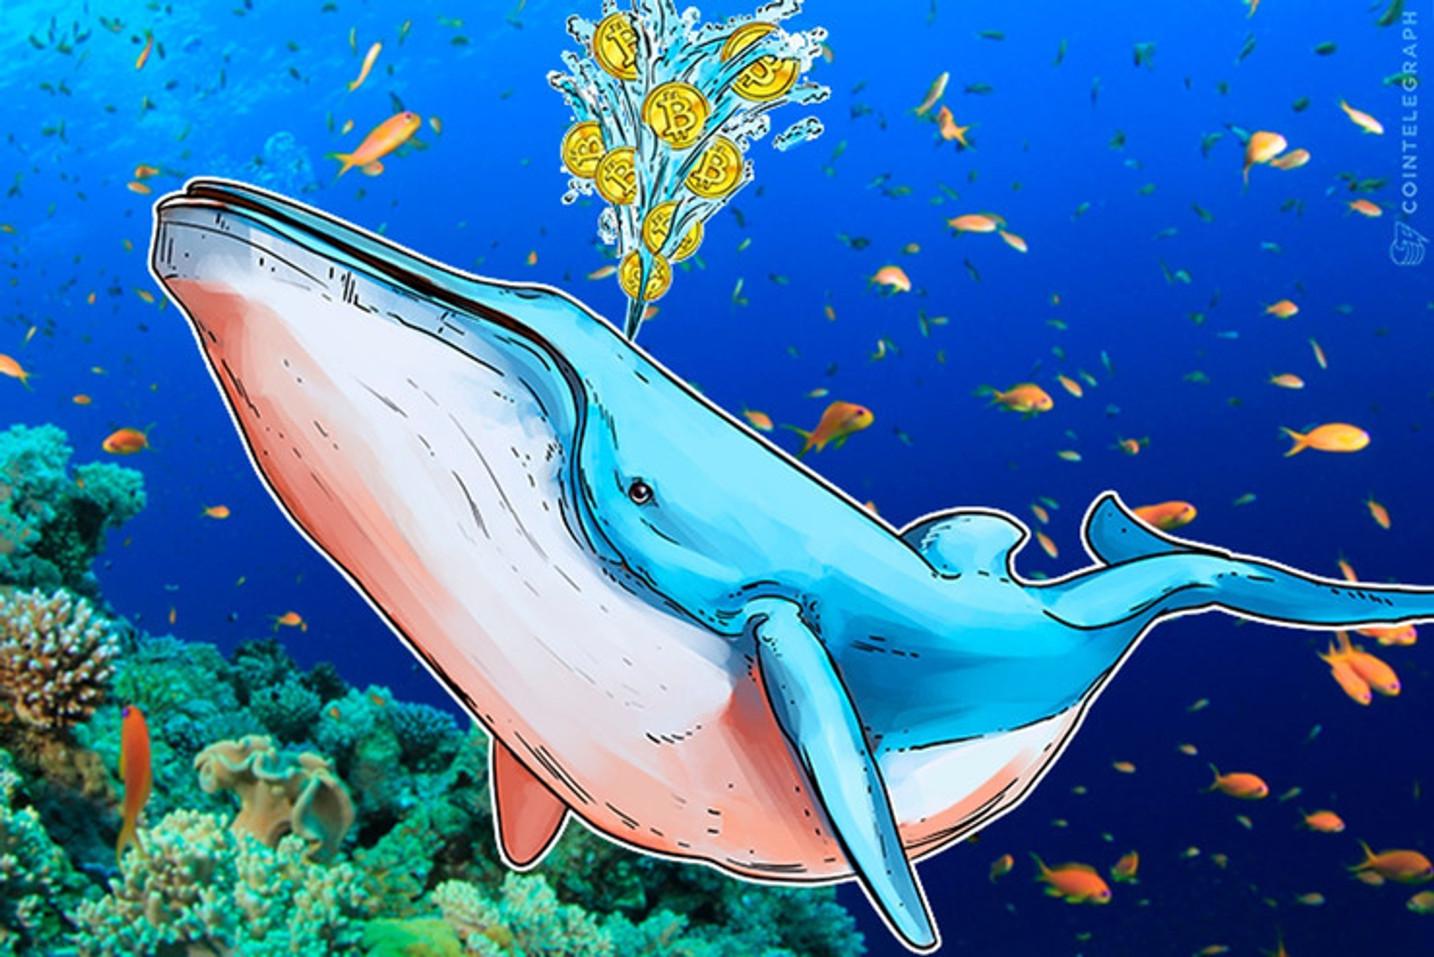 Las ballenas crypto logran su cometido de recuperación de precios mediante inyección de bitcoins, stablecoins y altcoins al mercado